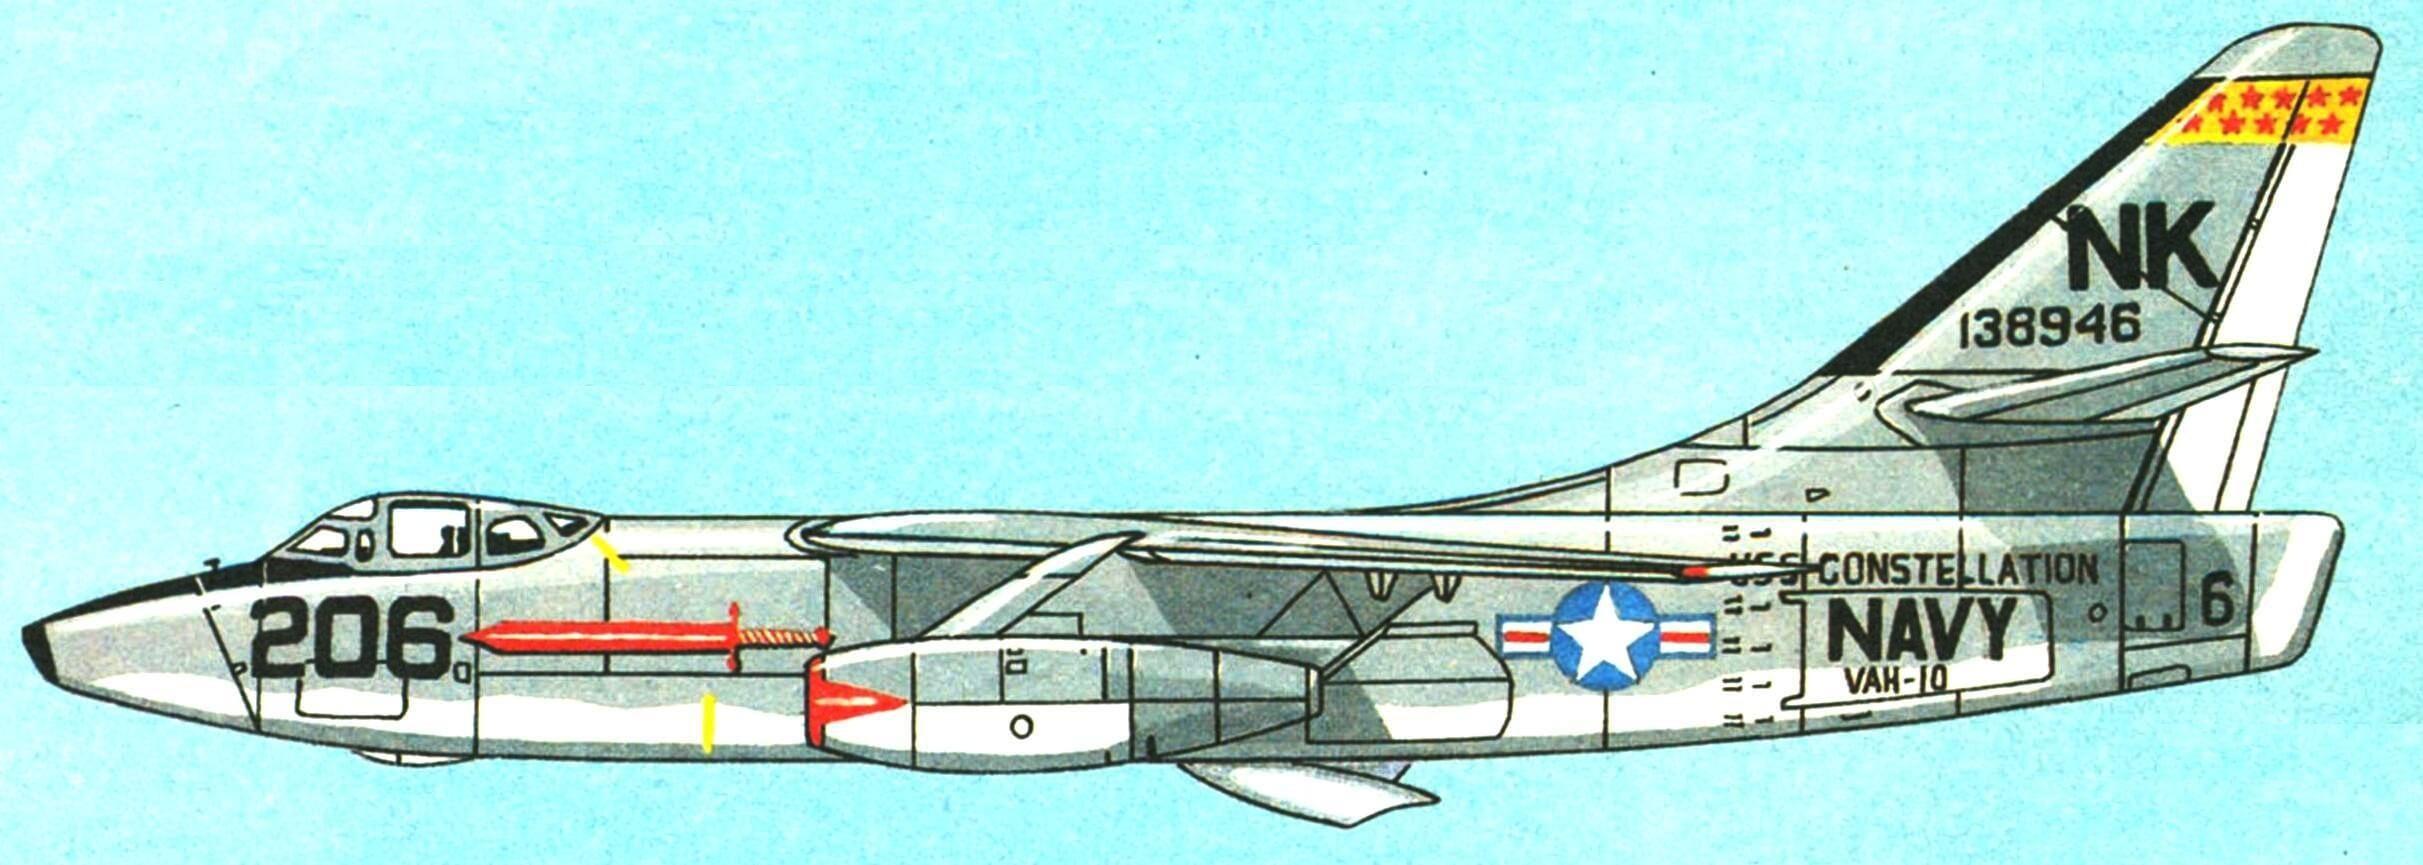 Заправщик КА-3В эскадрильи VAH-10, авианосец «Constellation», 1962 г.